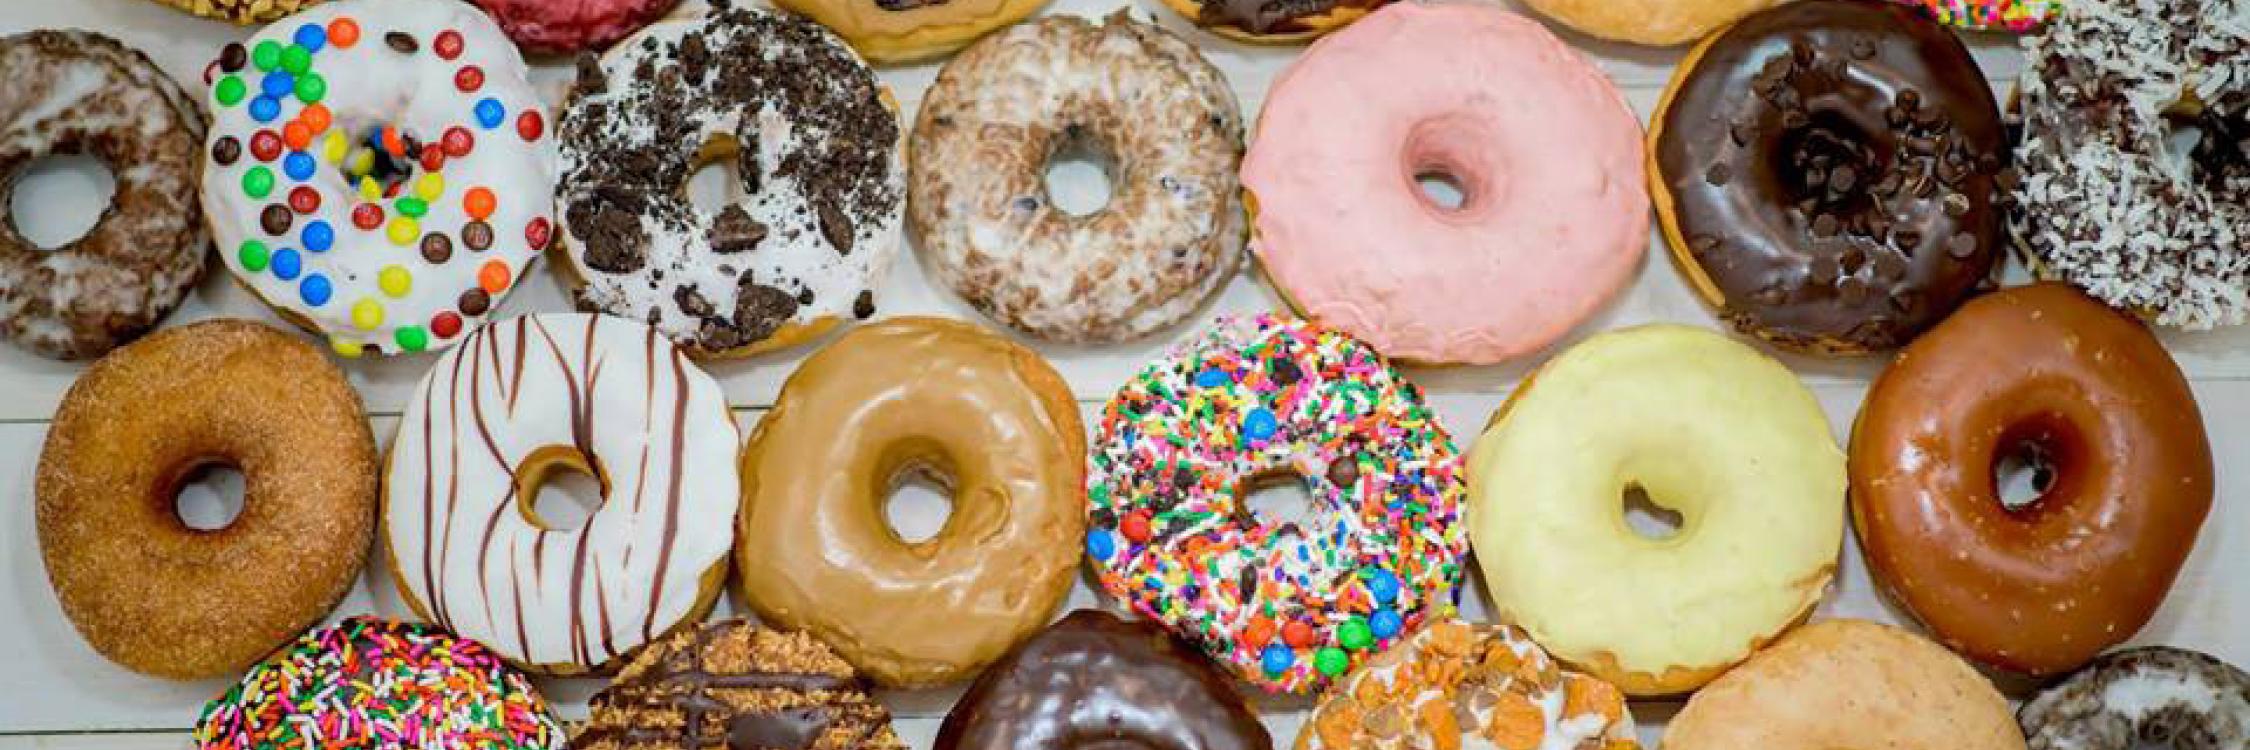 Image: Sugar Shack Donuts